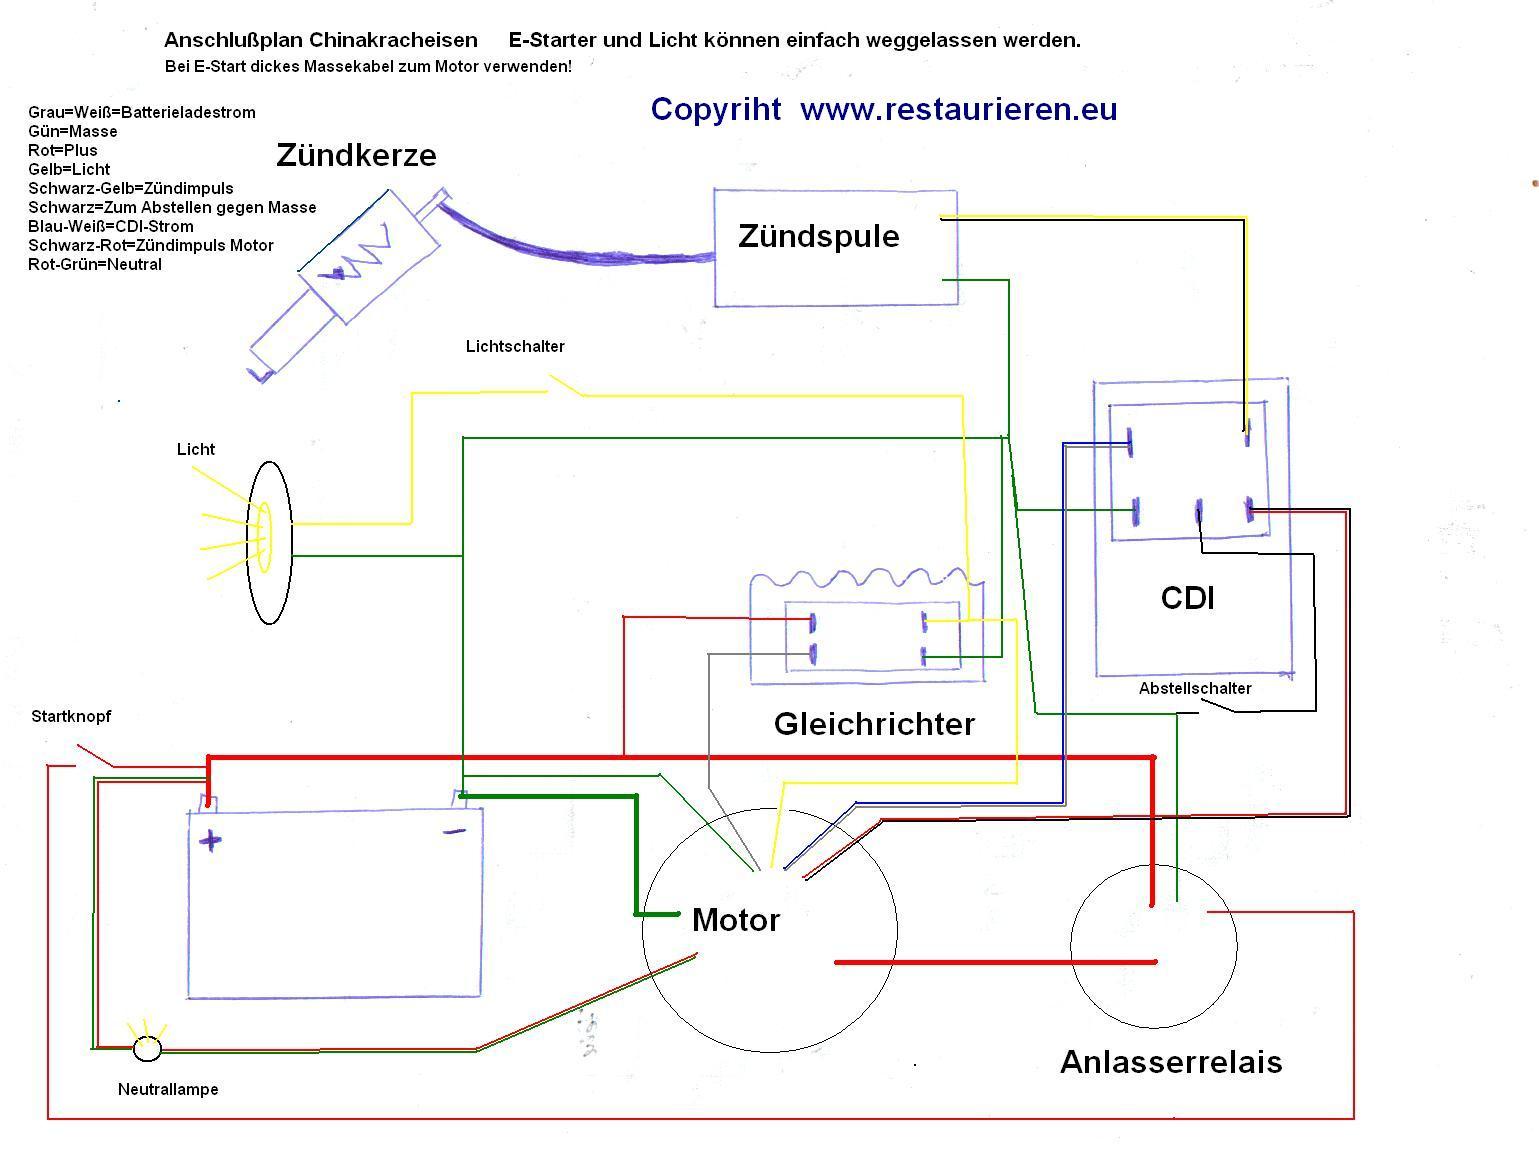 Atemberaubend Motor Schaltpläne Bilder - Schaltplan Serie Circuit ...